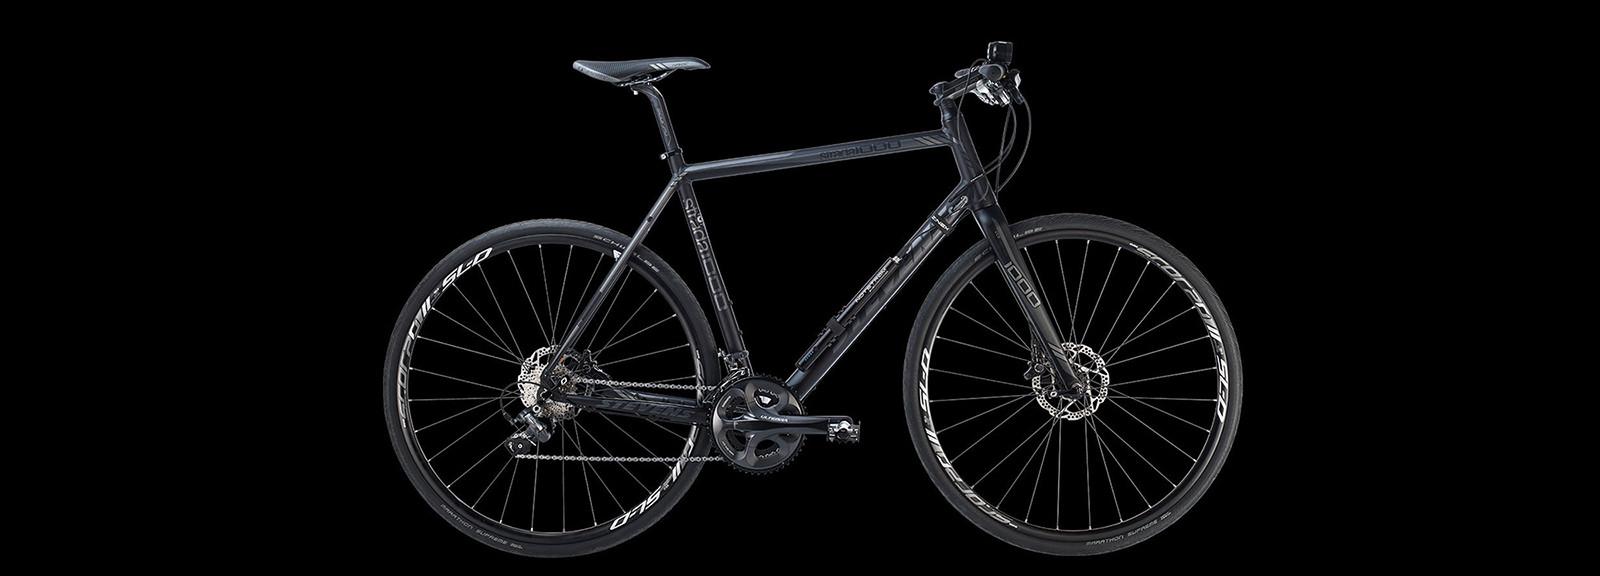 Seitenansicht eines Fahrrads mit montierter Notstrøm USB Powerbank